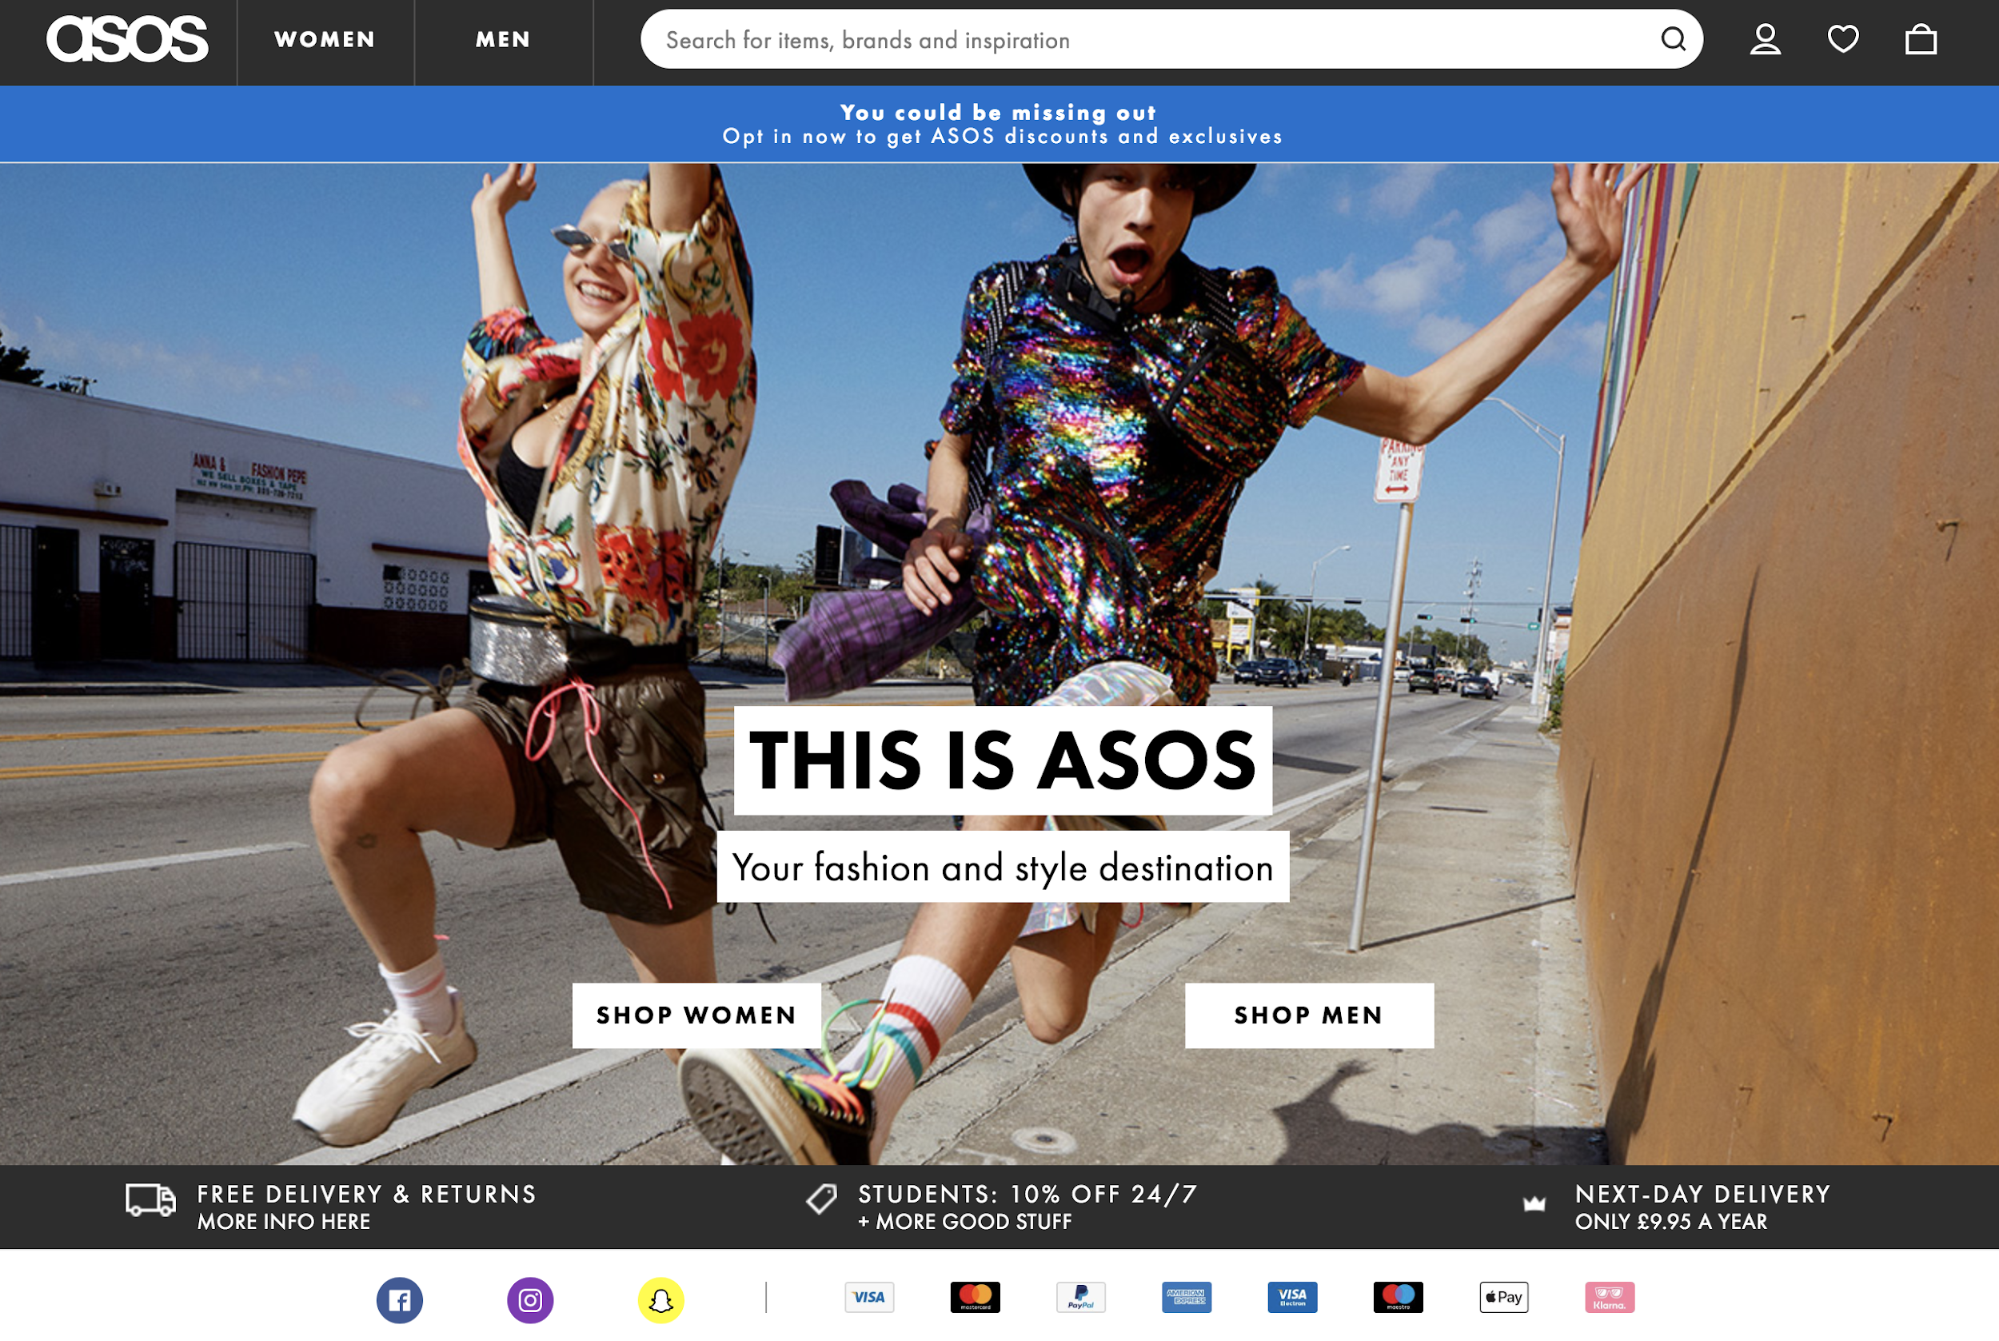 Screenshot showing Asos